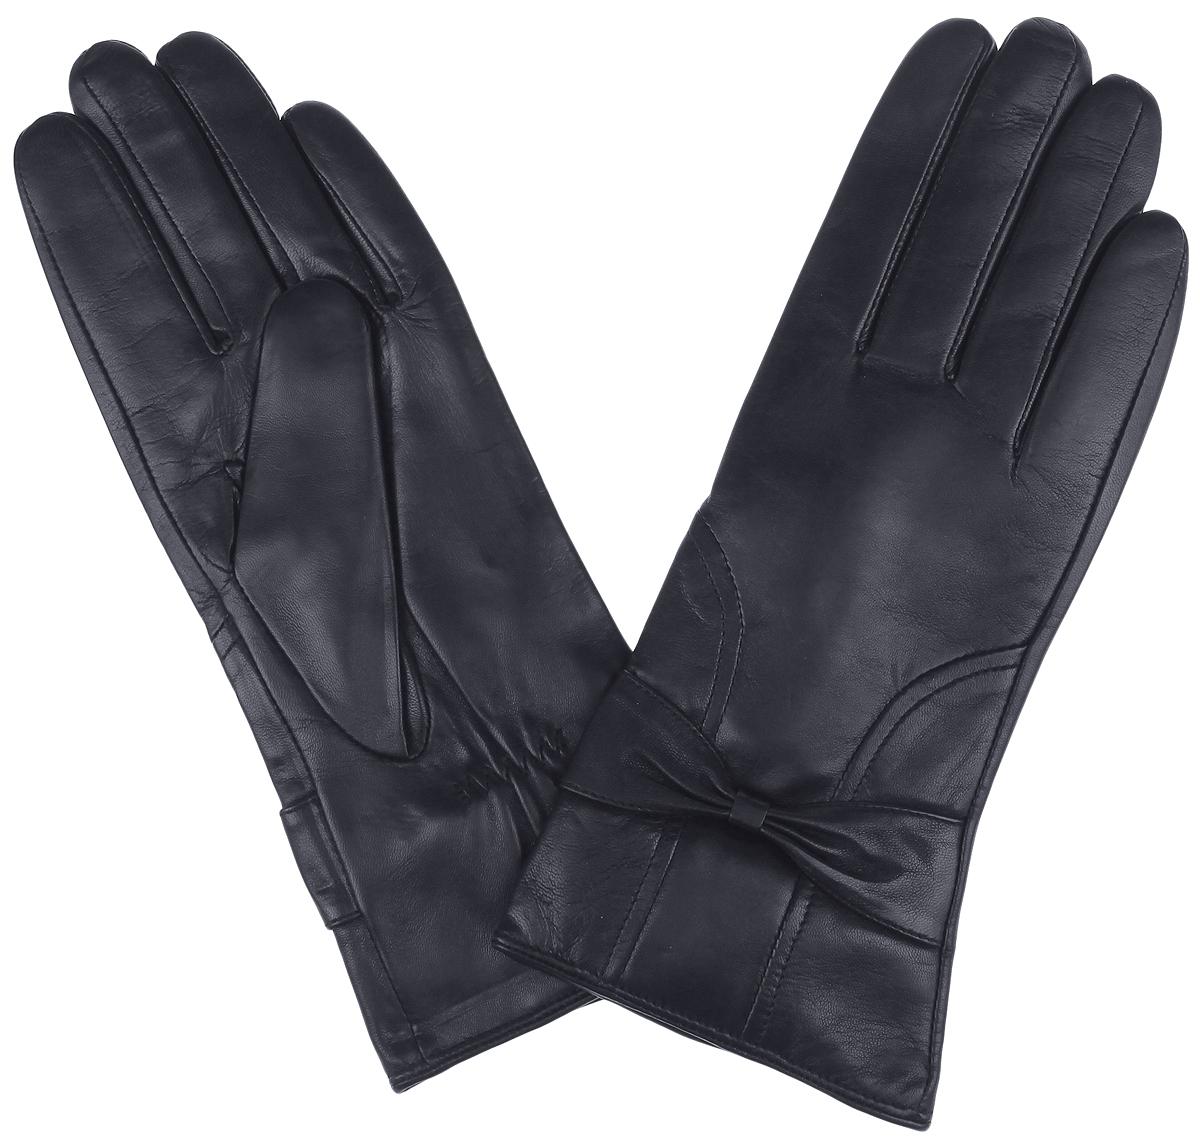 Перчатки9.12-1 blackСтильные женские перчатки Fabretti станут достойным элементом вашего стиля и сохранят тепло ваших рук. Перчатки выполнены из чрезвычайно мягкой эфиопской перчаточной кожи ягненка, а их подкладка - из шерсти с добавлением кашемира. С лицевой стороны манжеты оформлены прострочкой и декоративными бантиками. Тыльная сторона оснащена резинкой для оптимальной посадки модели на руке. Создайте элегантный образ и подчеркните свою яркую индивидуальность новым аксессуаром!